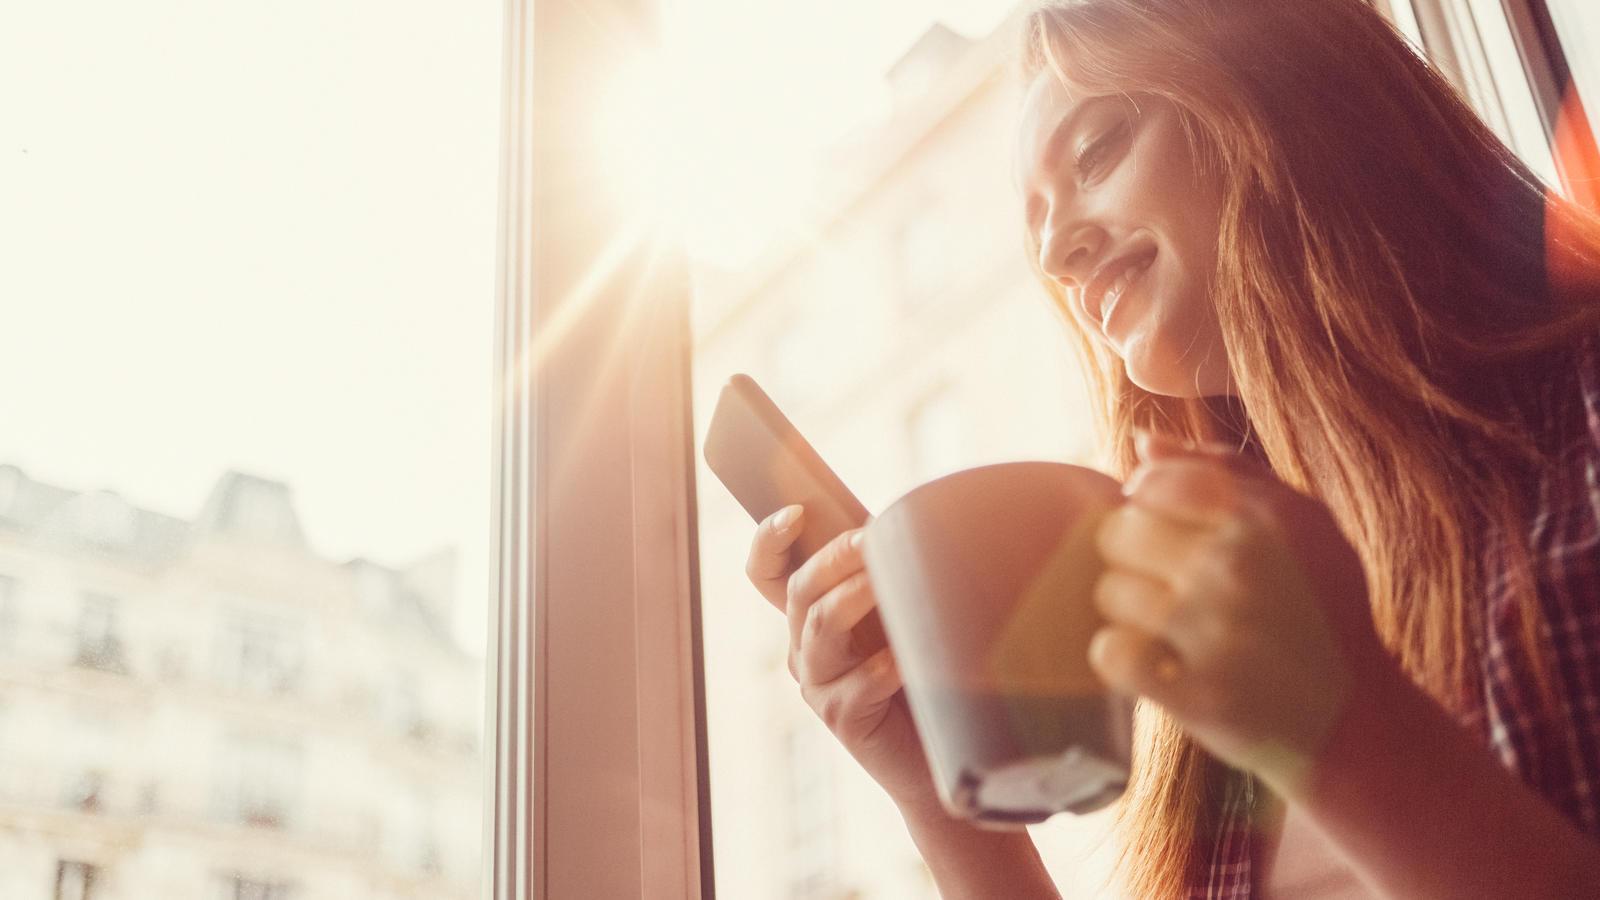 Das ganze Zuhause mit dem Handy steuern: Früher undenbkar, heute nicht nur möglich, sondern auch durchaus bezahlbar.